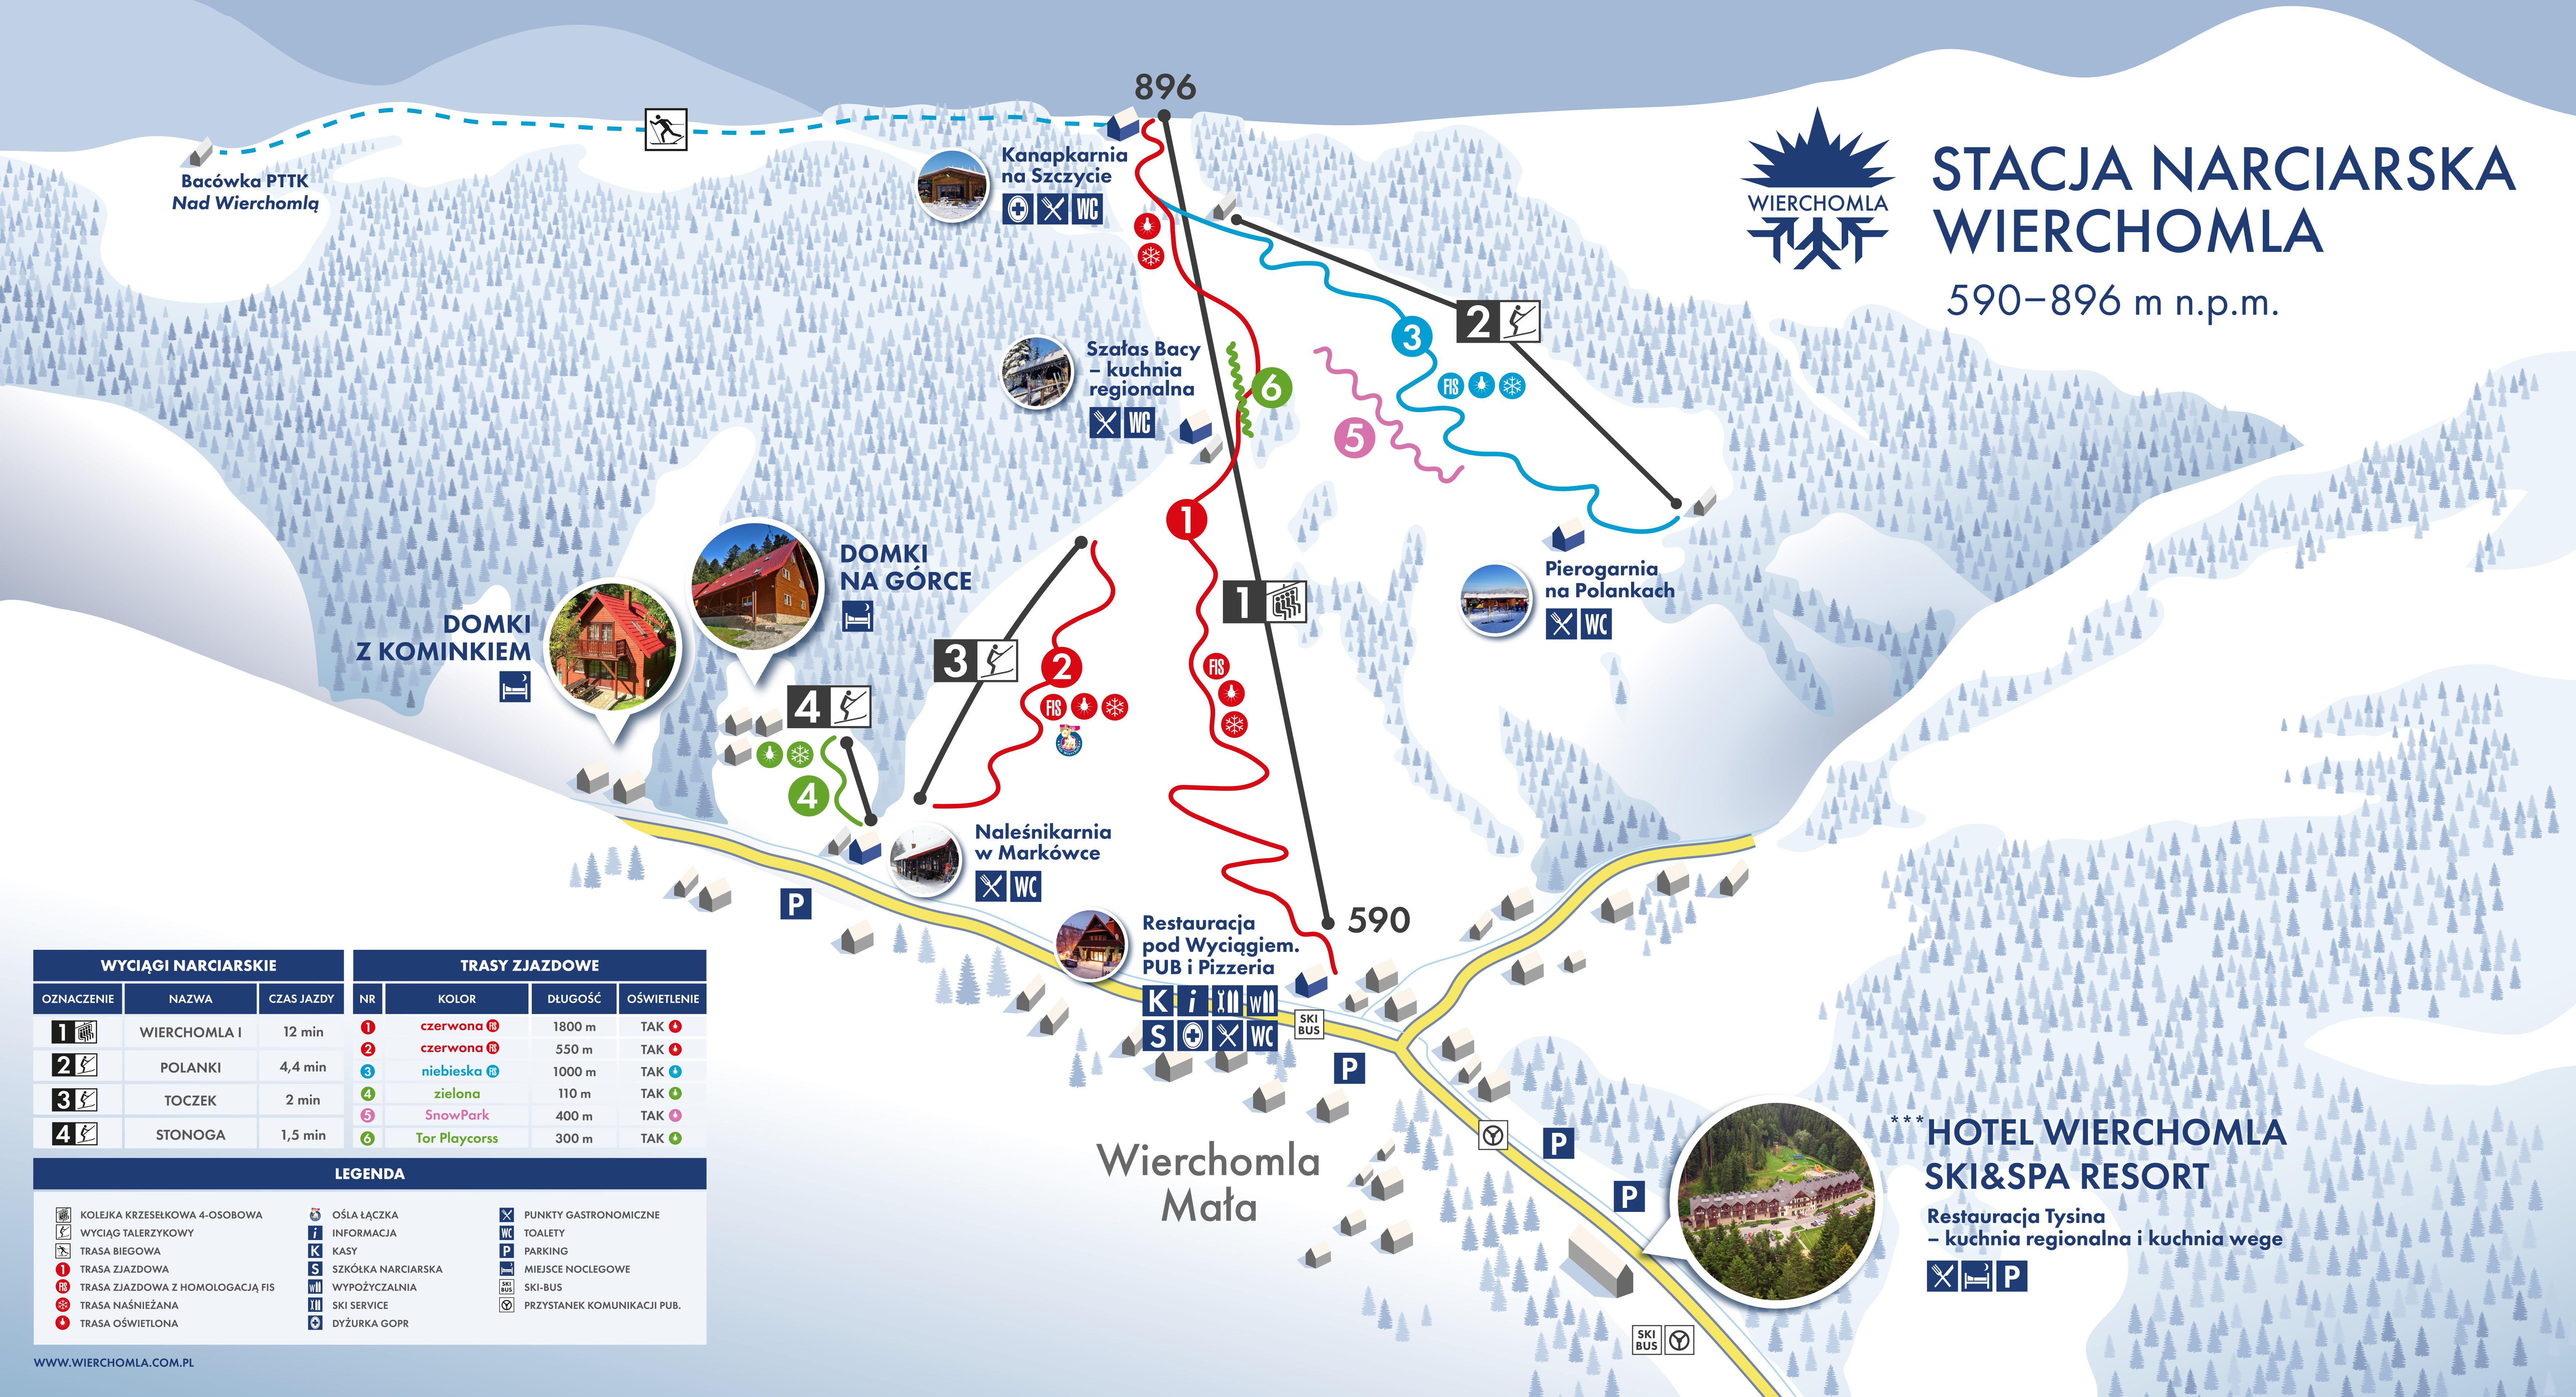 Mapy Tras W Wierchomla